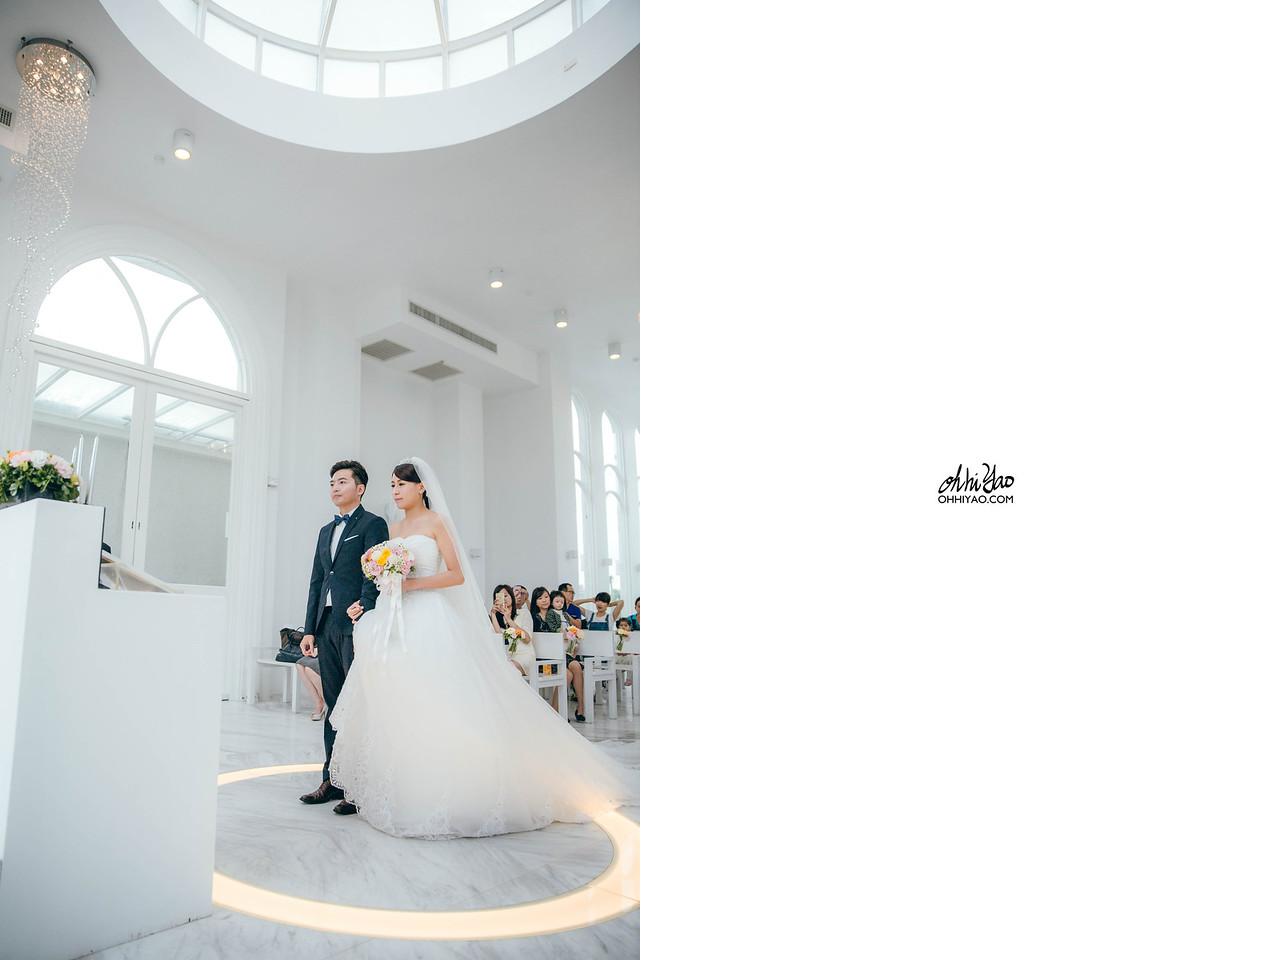 宜蘭婚禮; 早安攝影; 朱飾戴吉; 水教堂婚禮; 香格里拉冬山河渡假飯店婚宴; 香格里拉冬山河渡假飯店婚禮